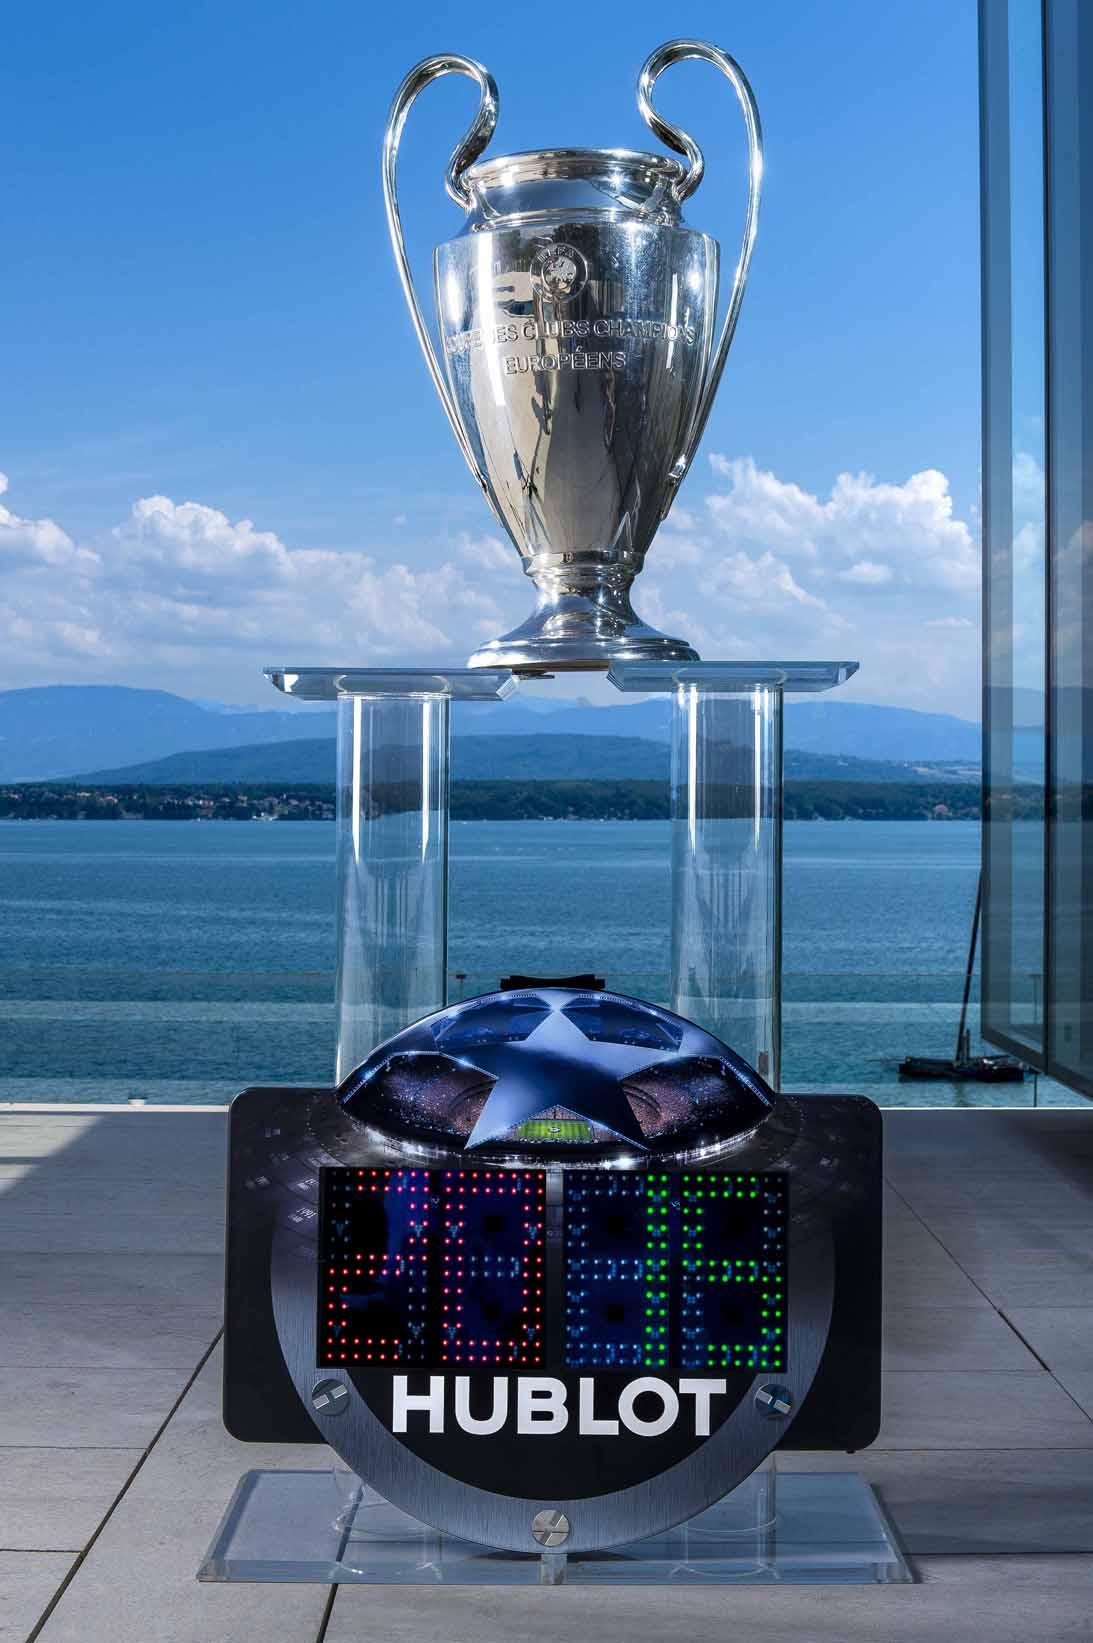 歐洲足球進入宇舶時間!HUBLOT宇舶錶正式成為歐洲冠軍聯賽和歐洲聯賽官方合作夥伴